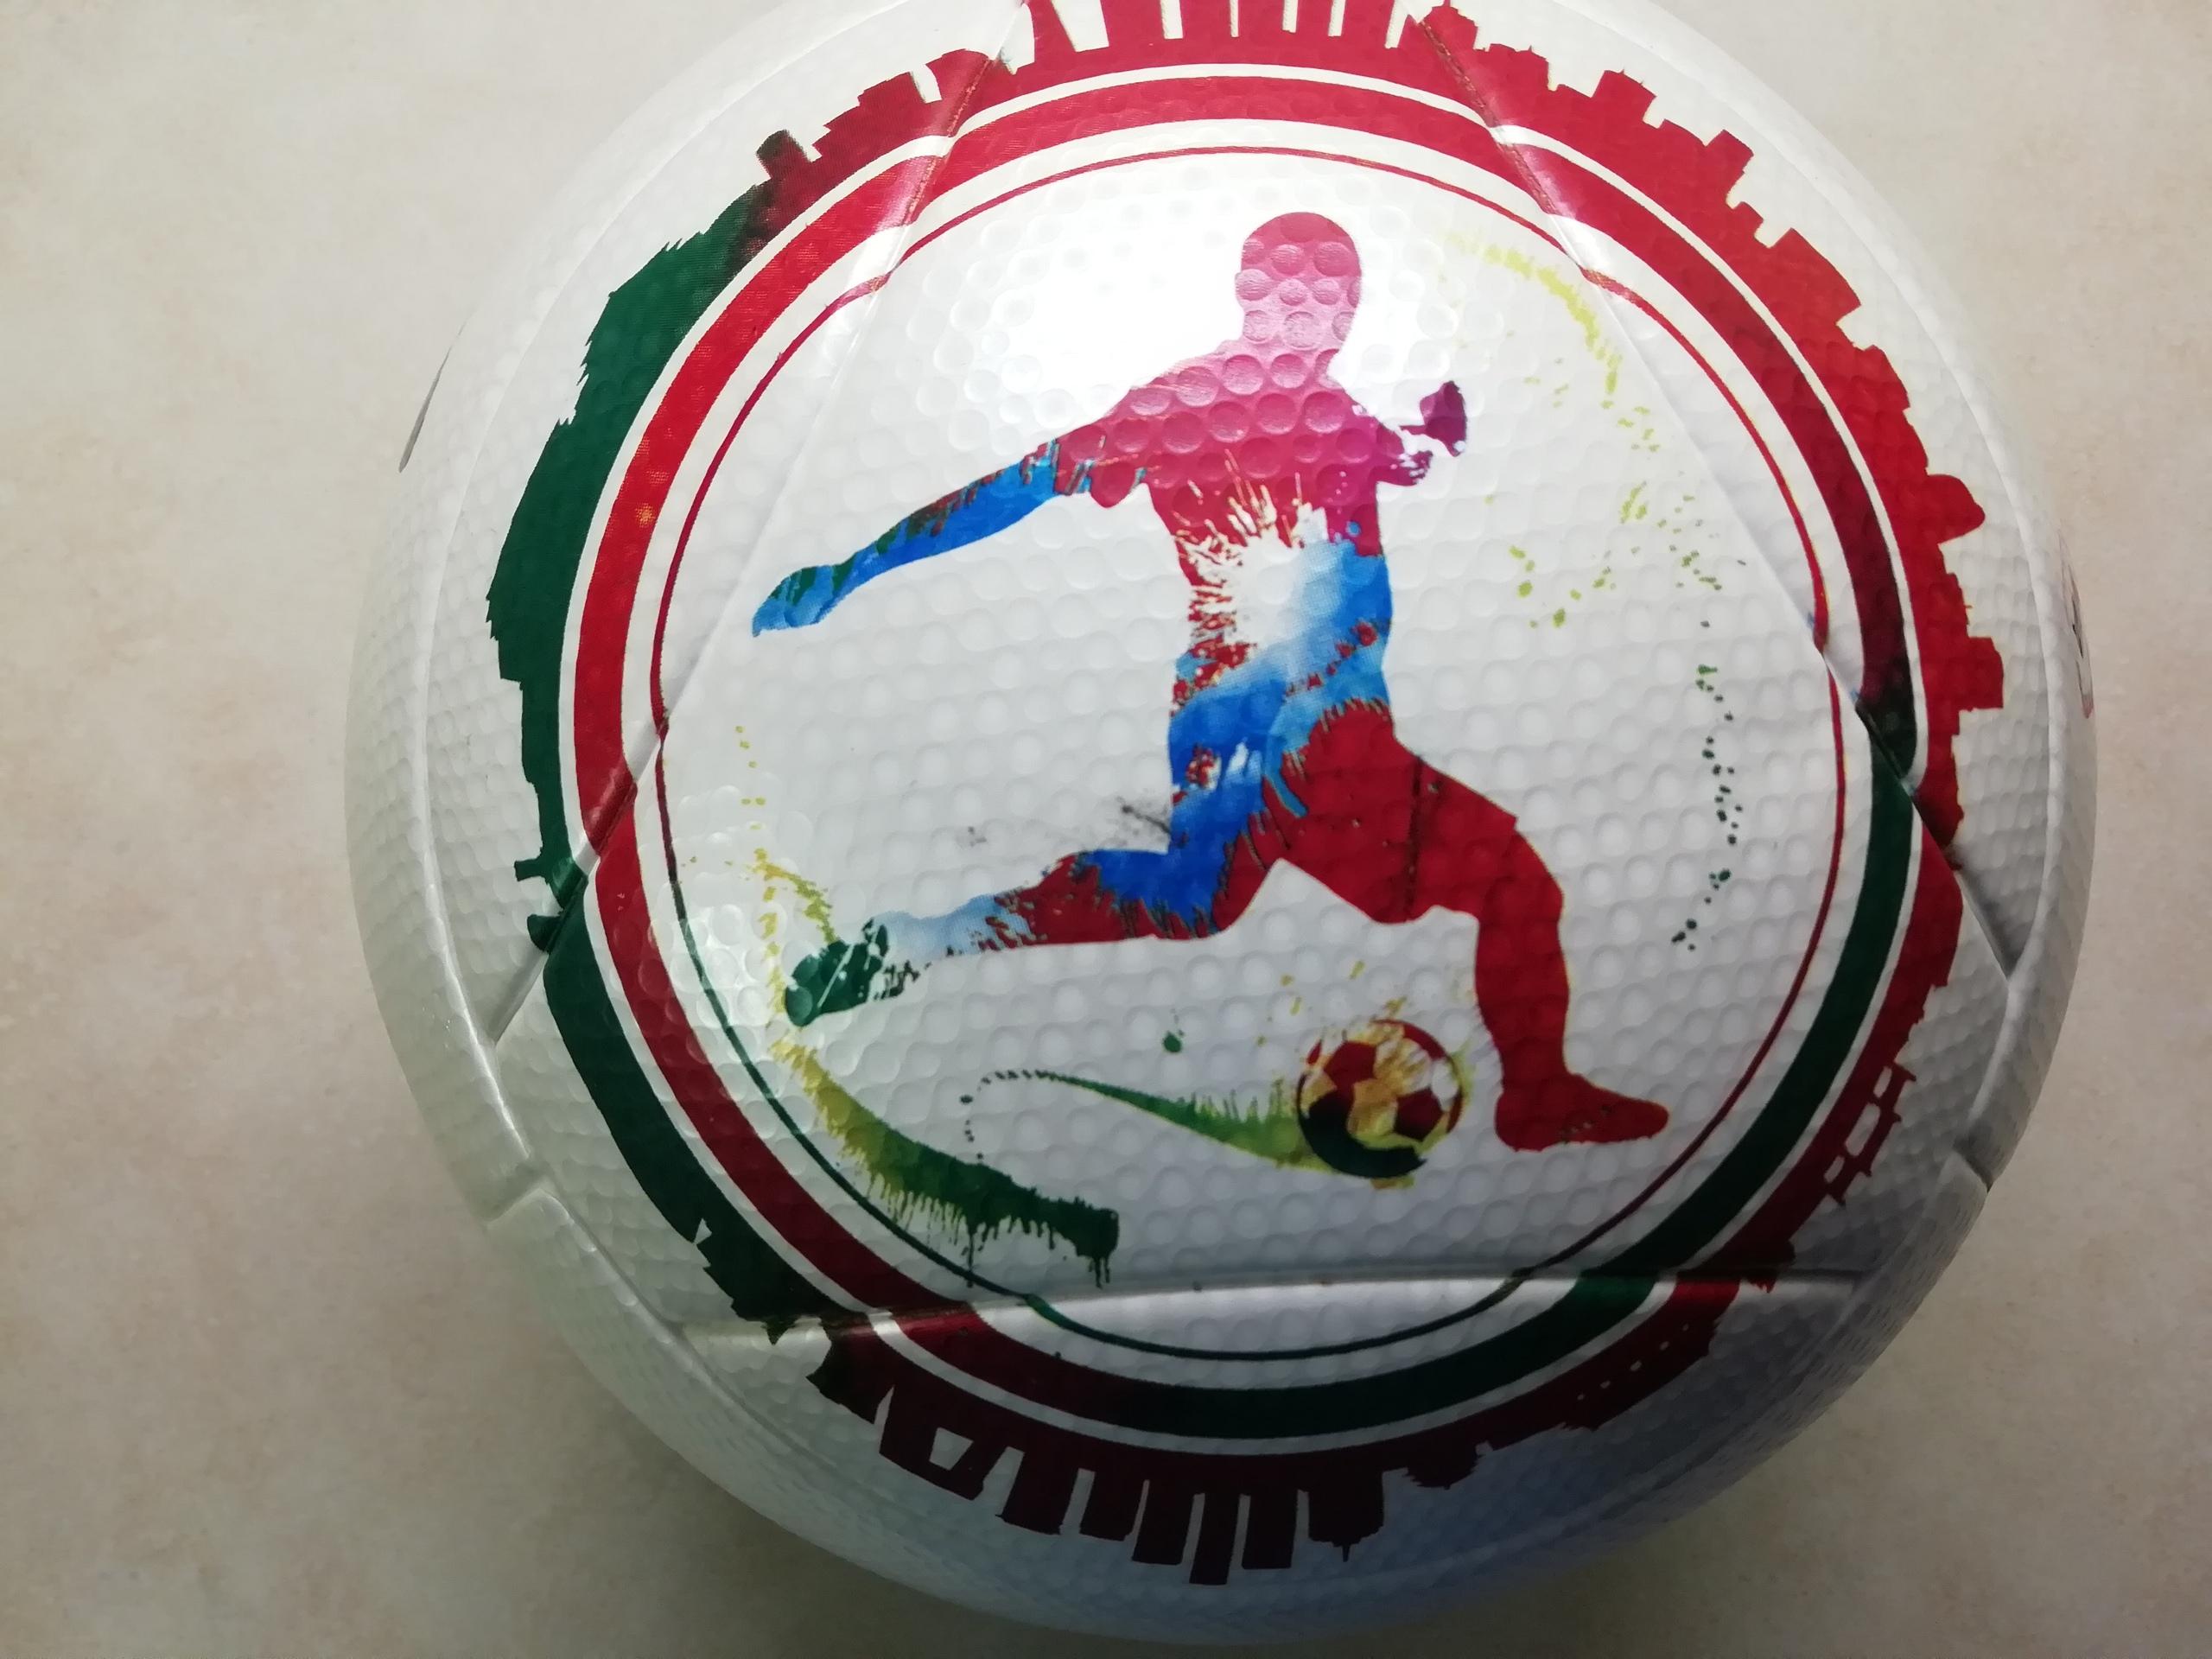 профессиональные футбольные мячи